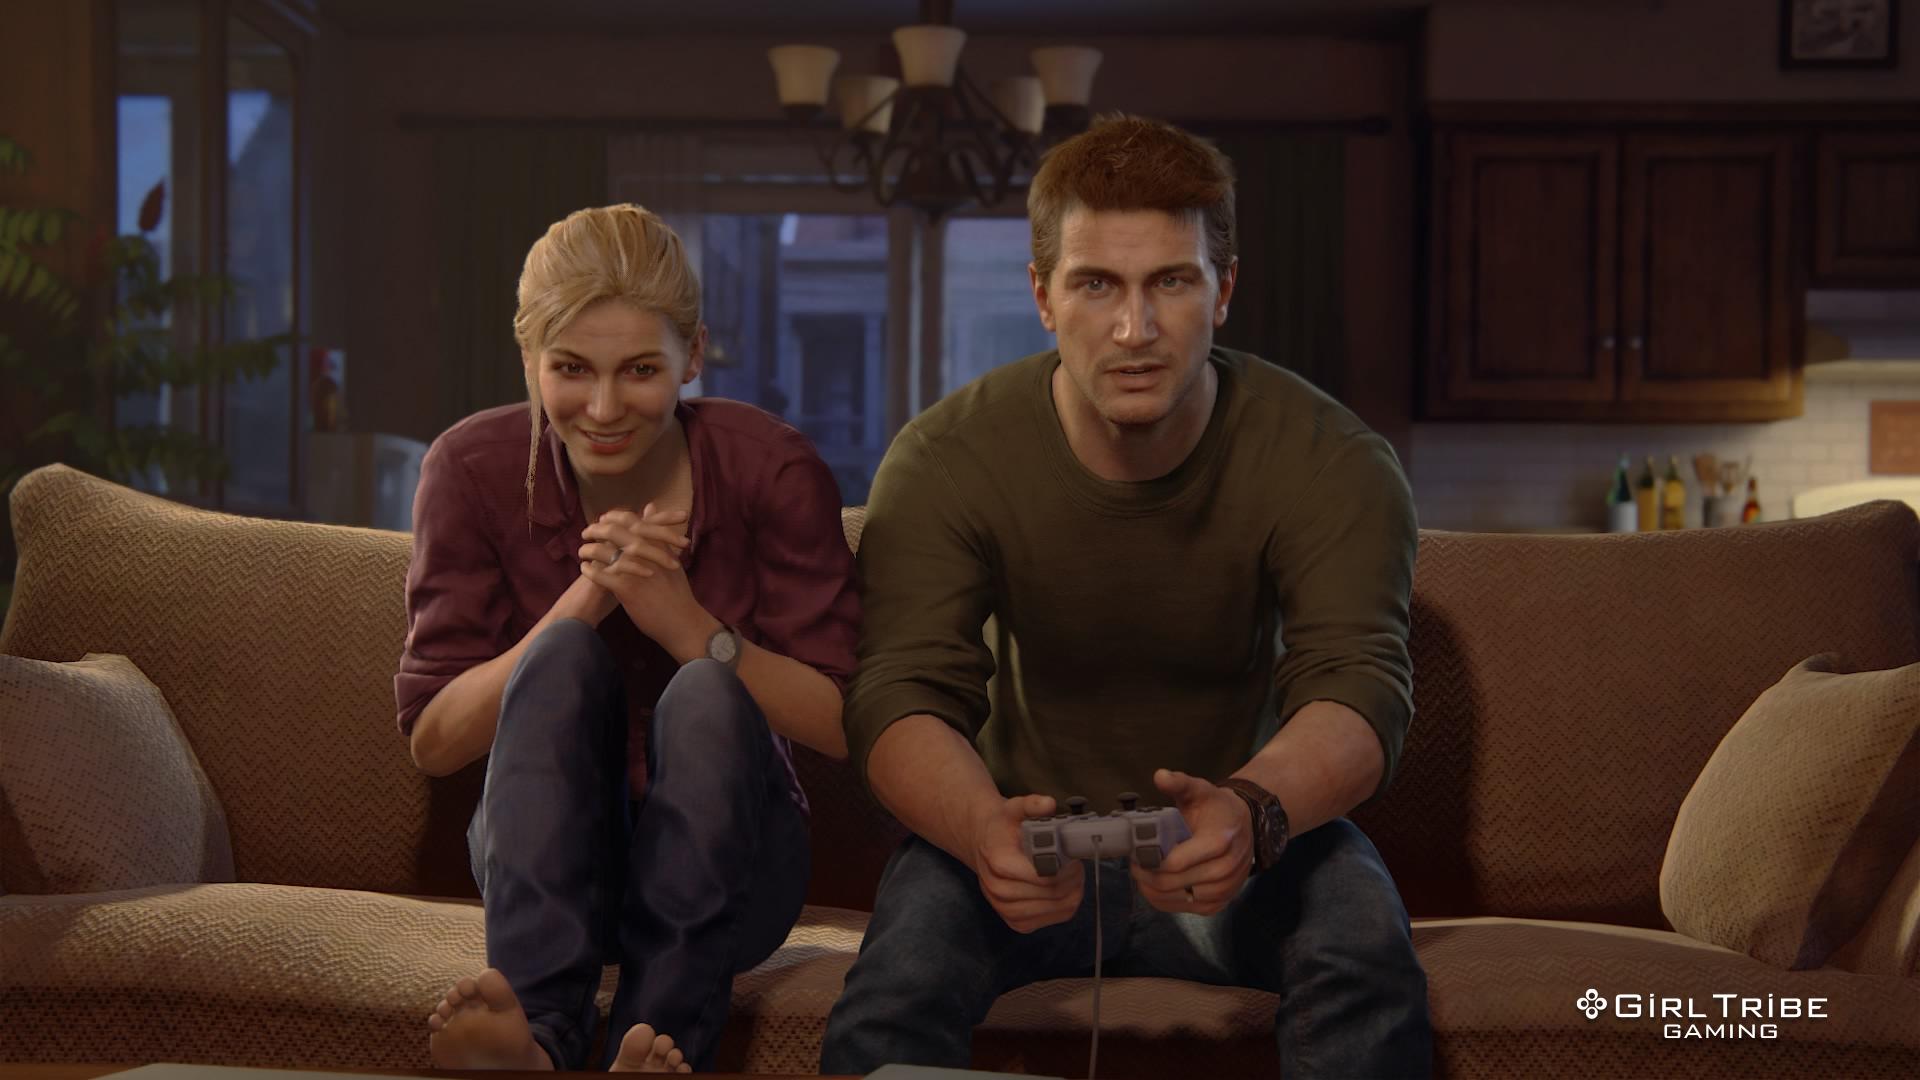 Uncharted-4-Screenshot-6-w.jpg